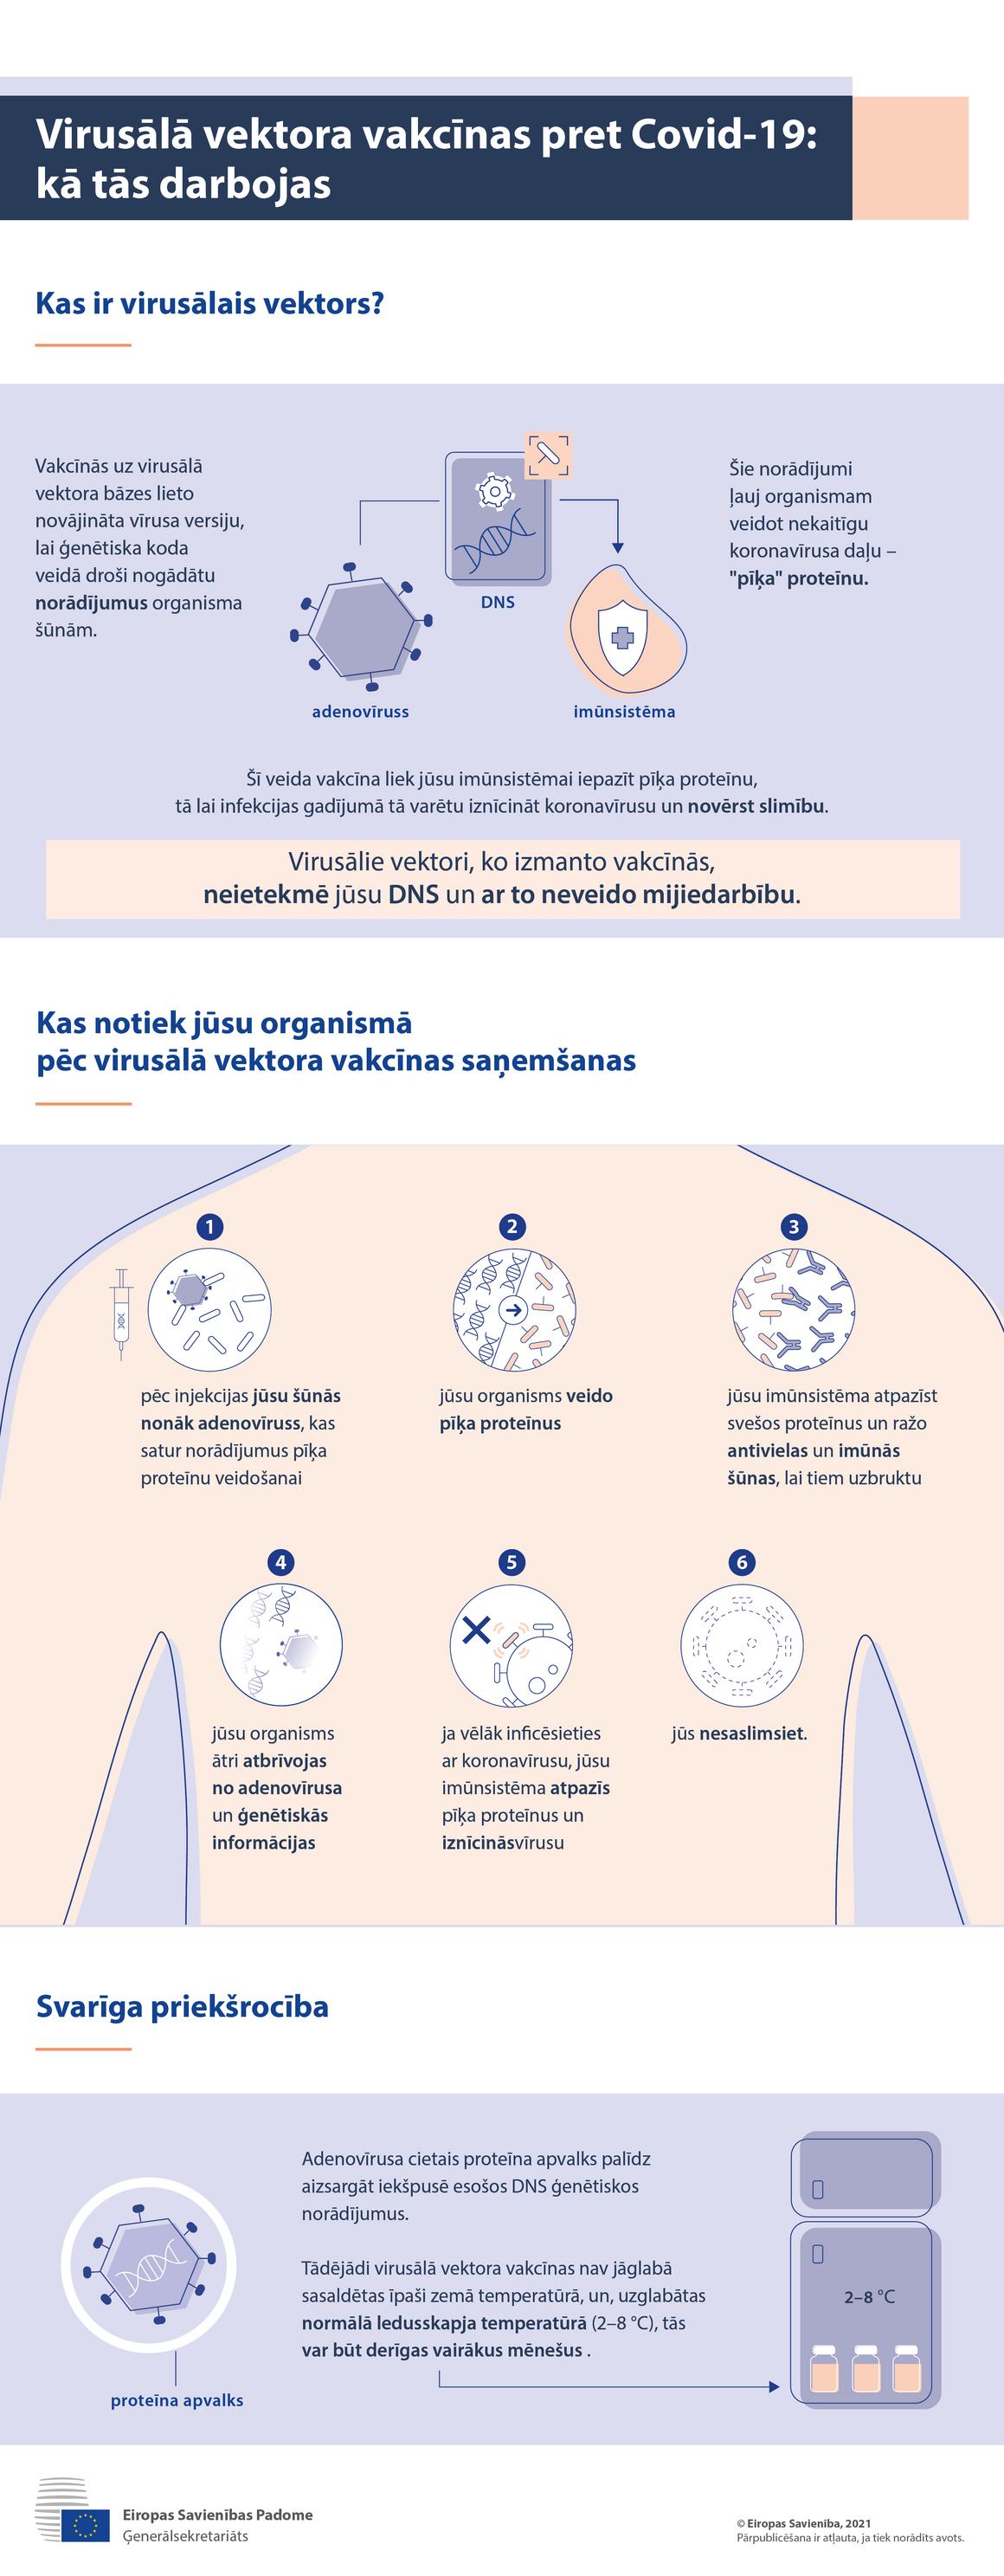 Infografika– Vīrusa vektora vakcīnas pret Covid-19: kā tās darbojas